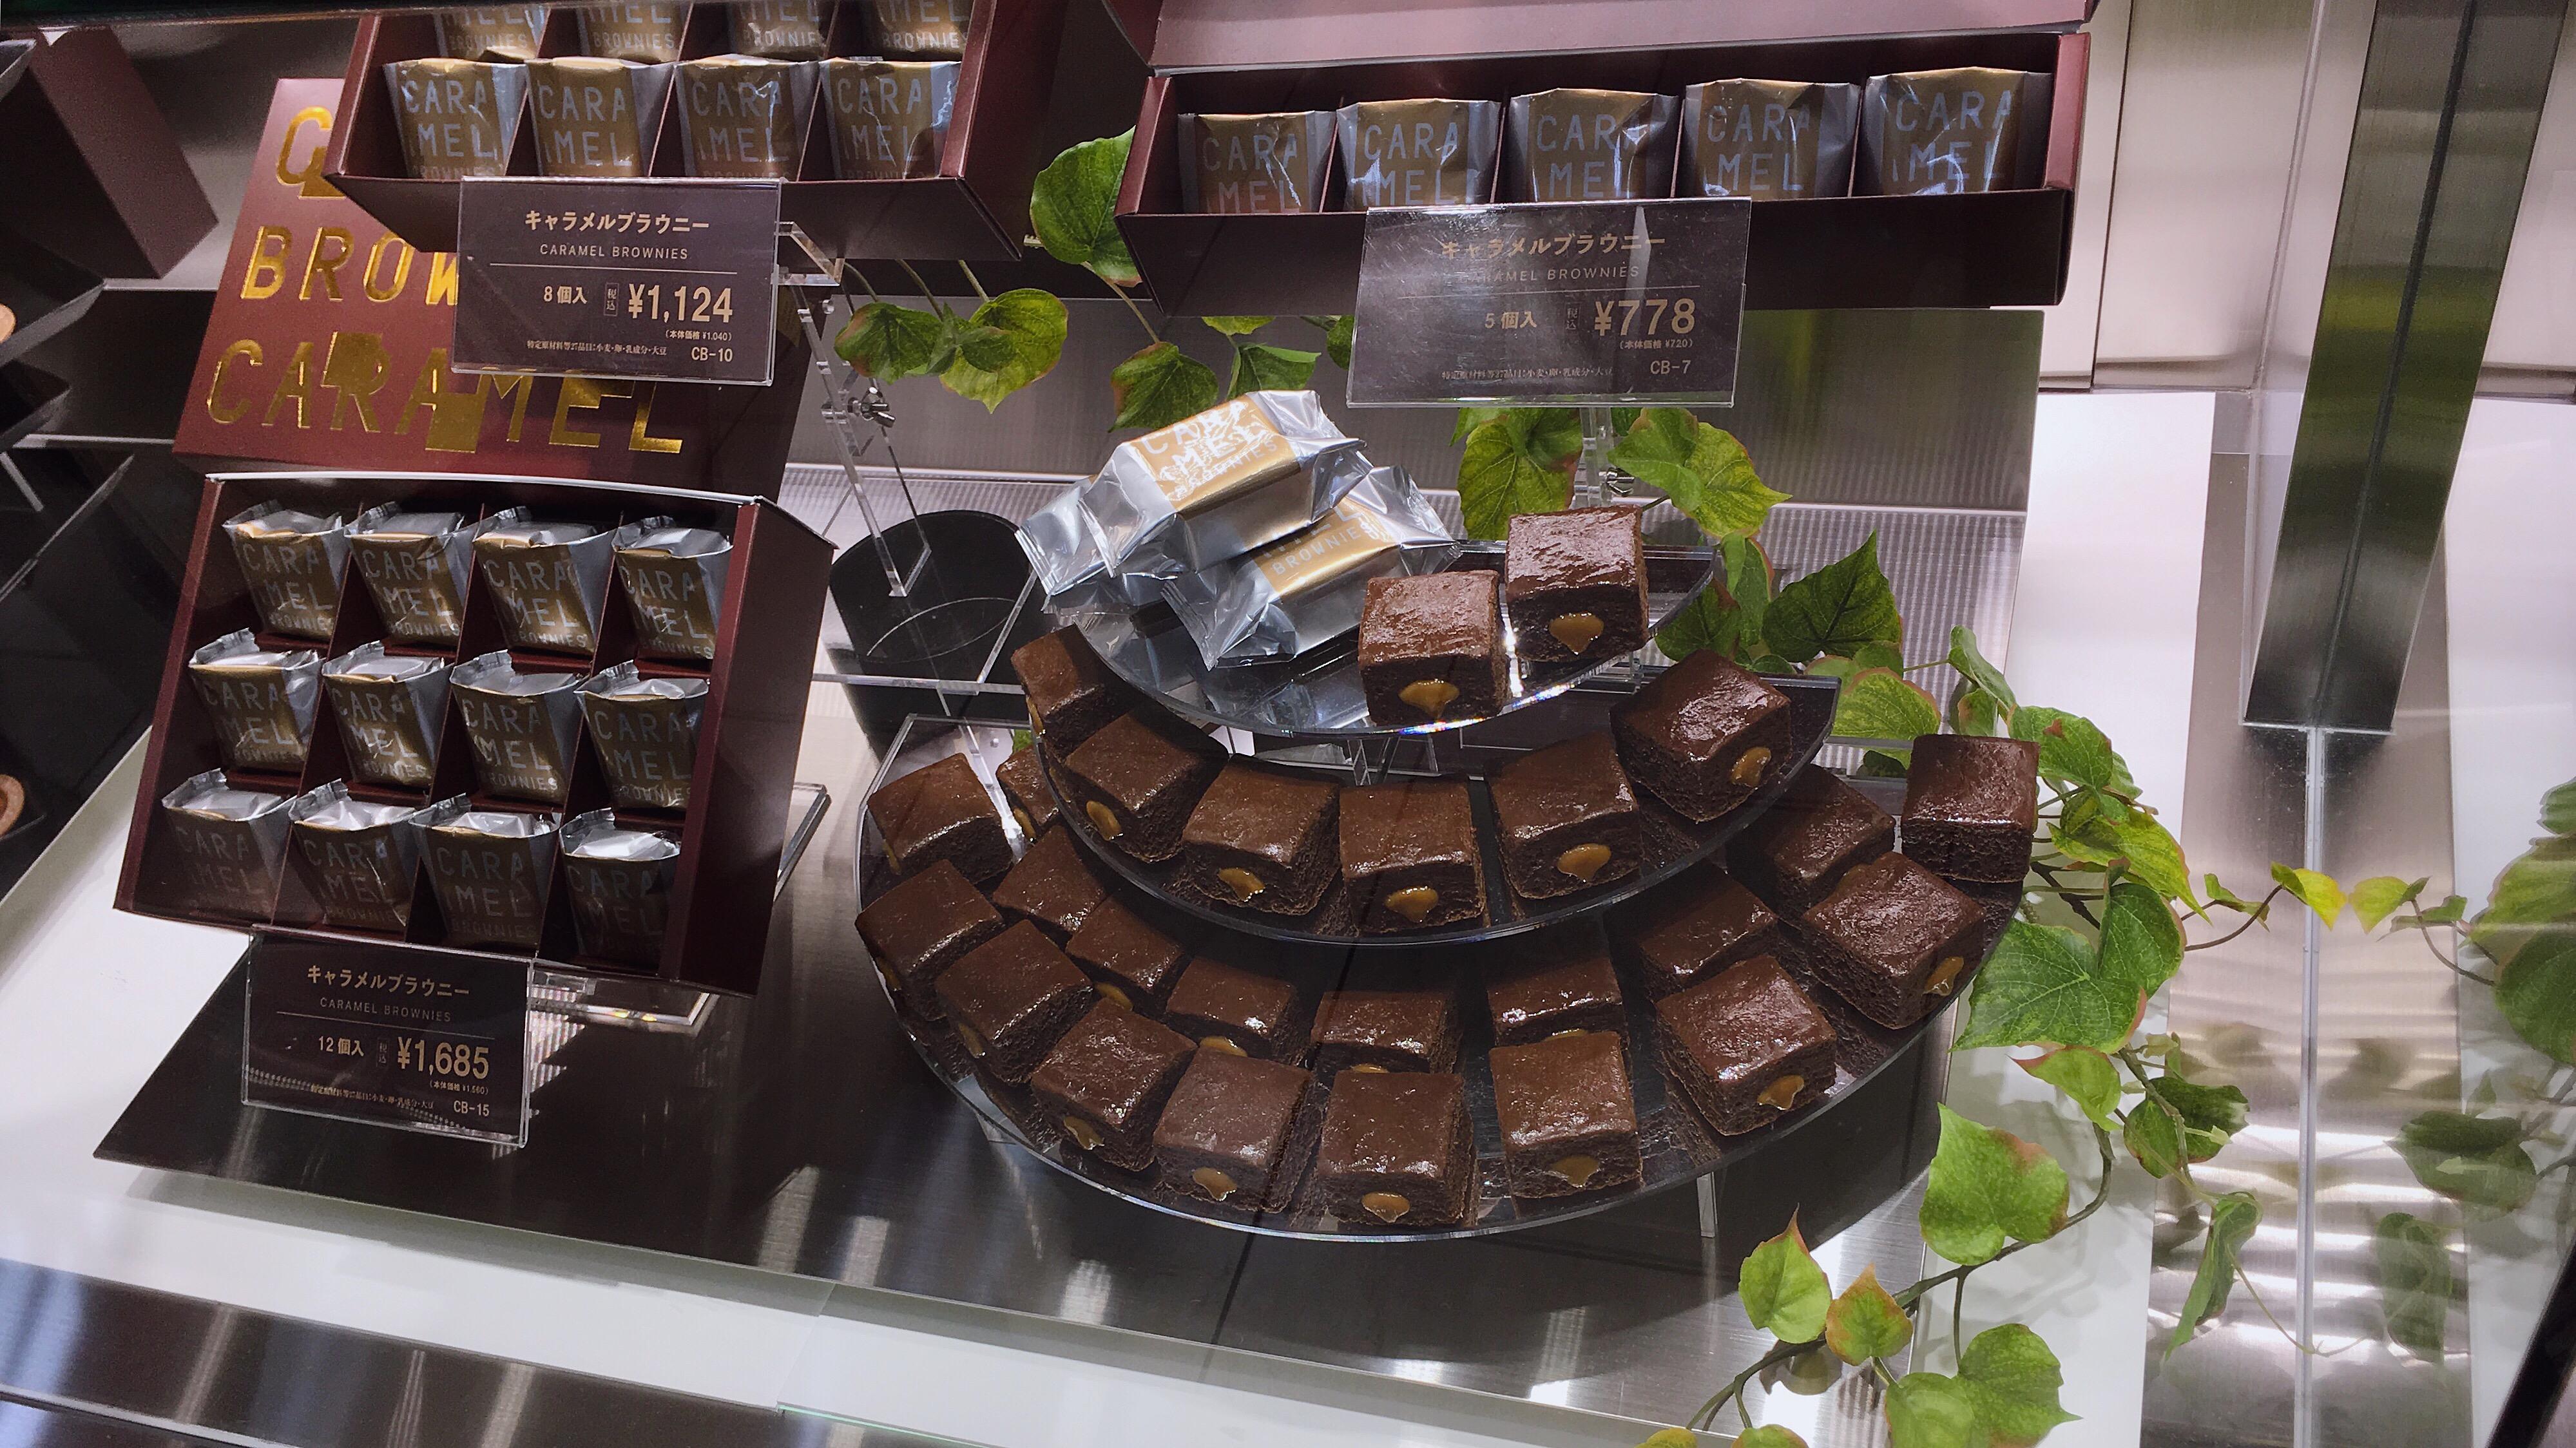 ローストキャラメルマーケットのキャラメルブラウニーというお菓子の個数や価格が分かる店頭ディスプレイ